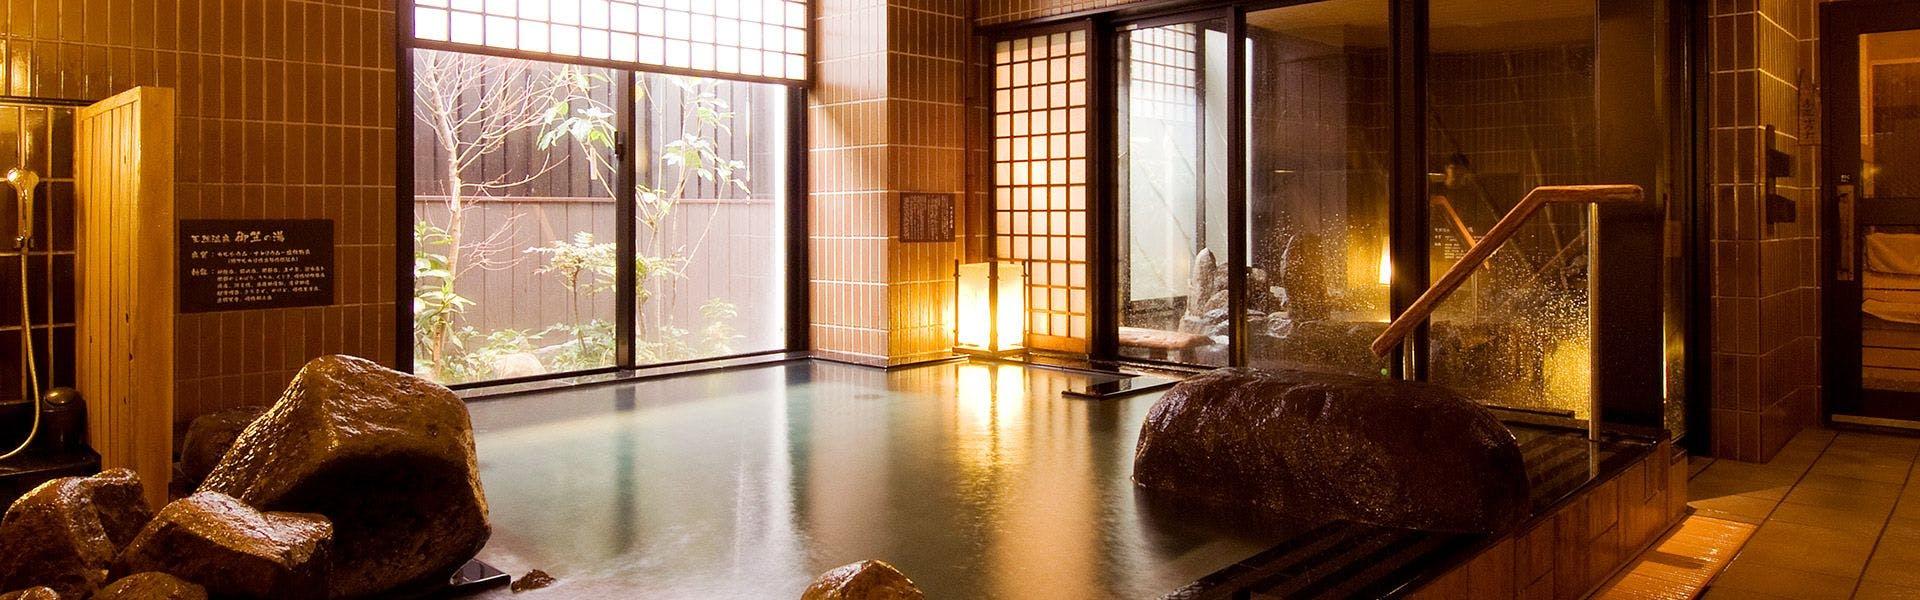 記念日におすすめのホテル・【天然温泉 御笠の湯 ドーミーイン博多祇園】の写真1